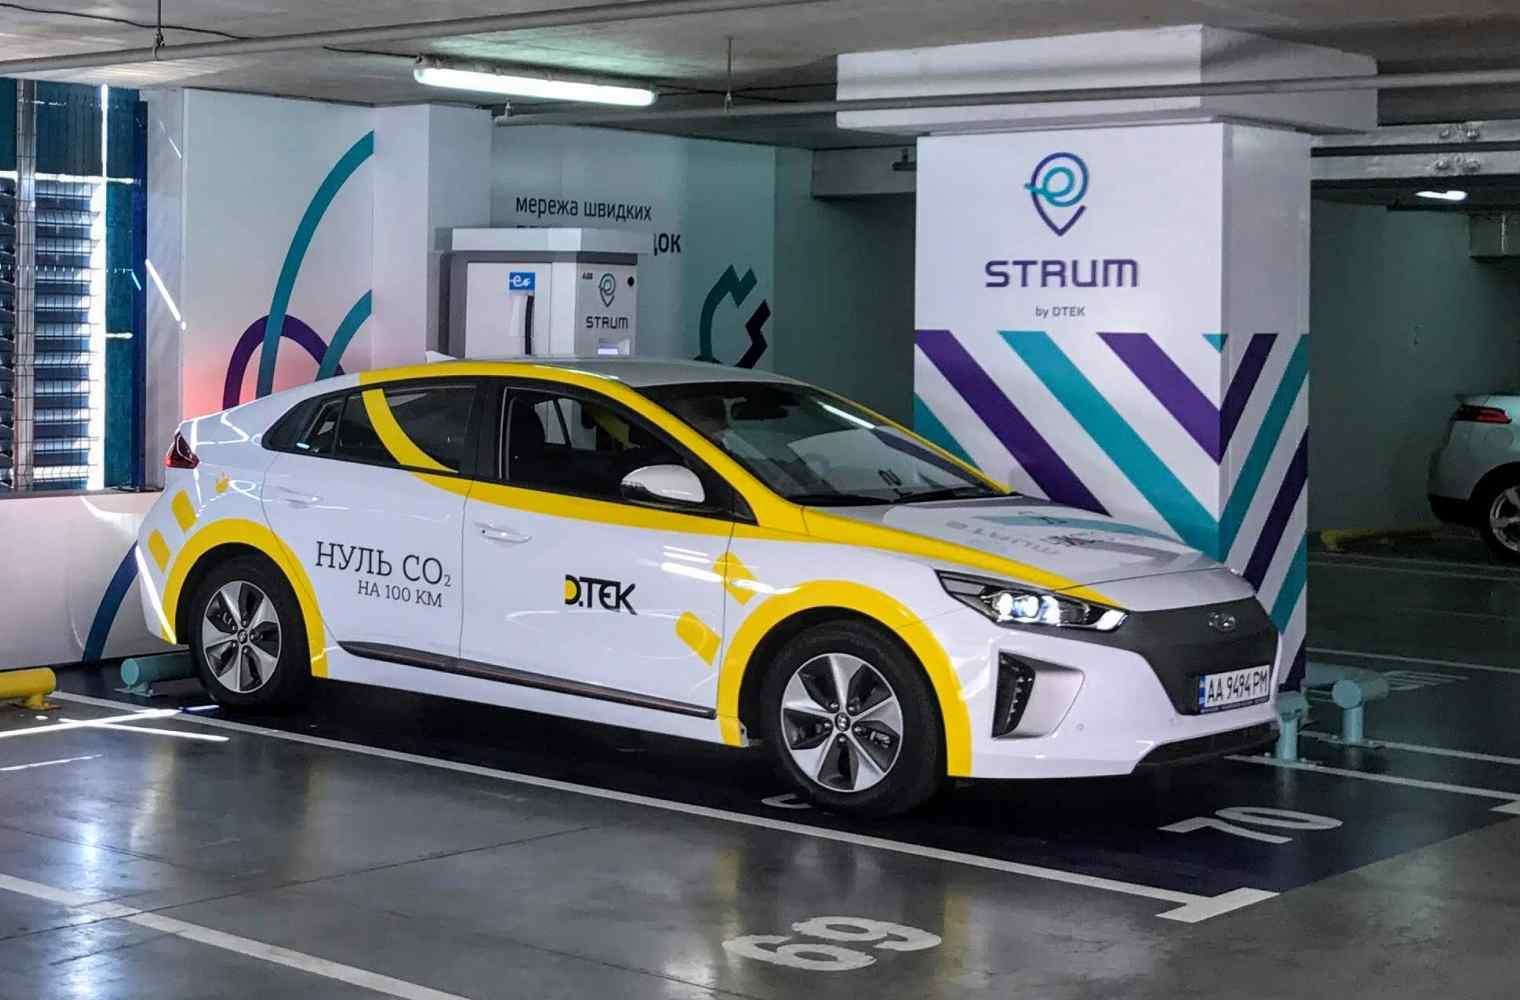 🚘 Зарядки для електромобілів STRUM з'явилися на трасах Київ-Львів та Київ-Одеса